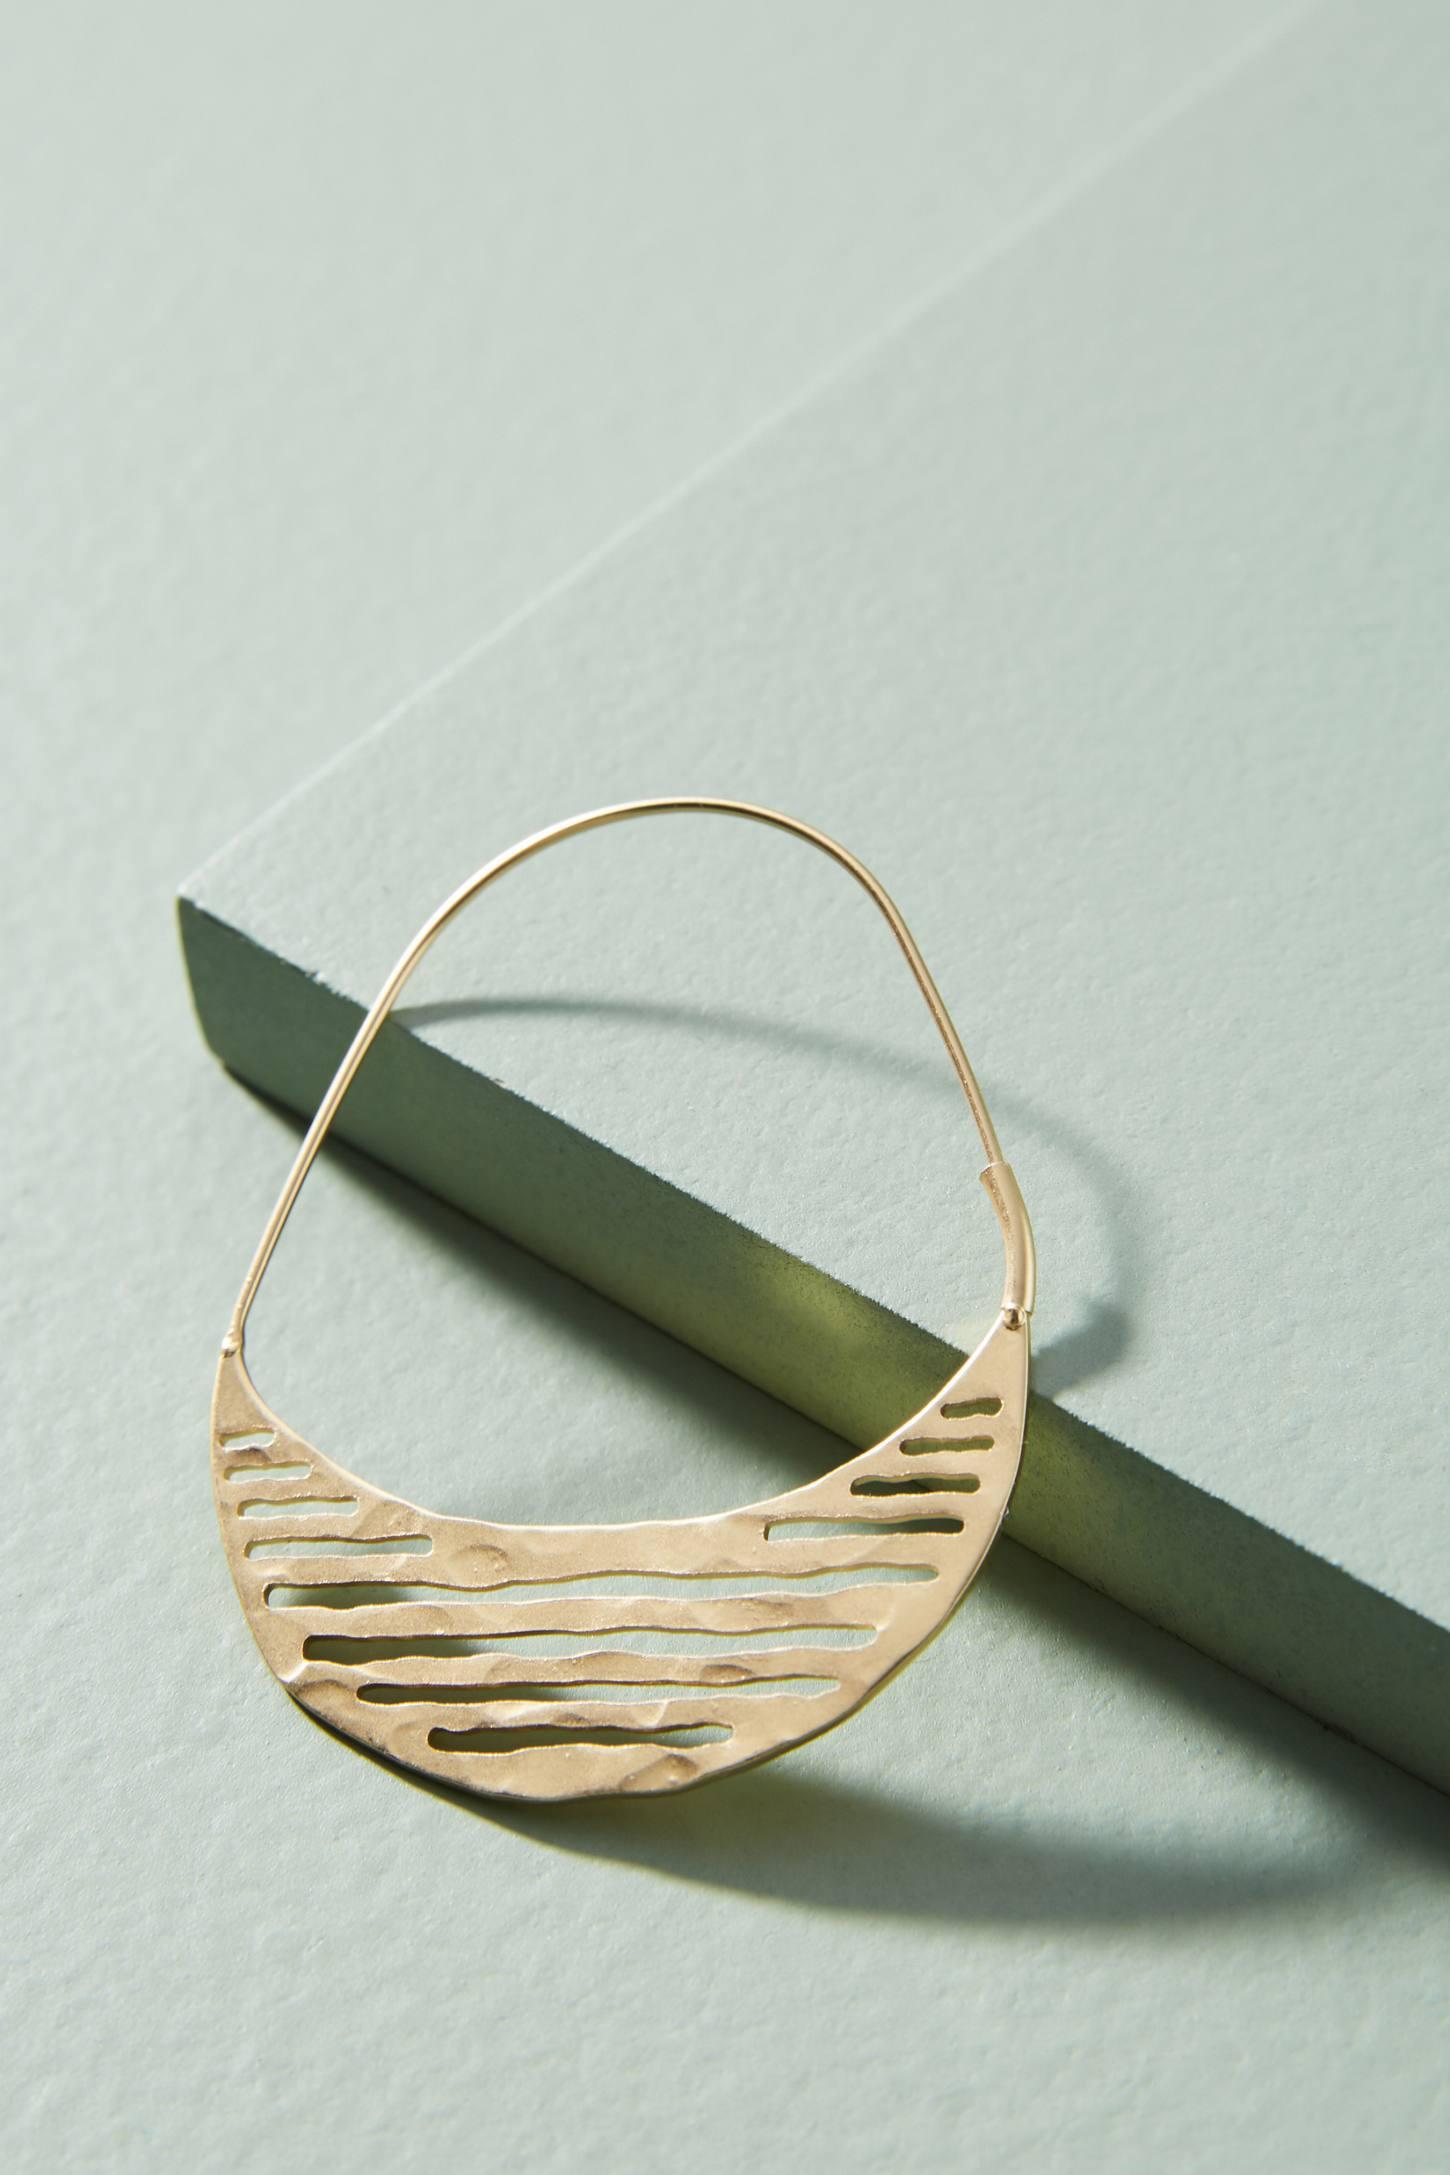 Anthropologie Striped Hoop Earrings 7bPq1d